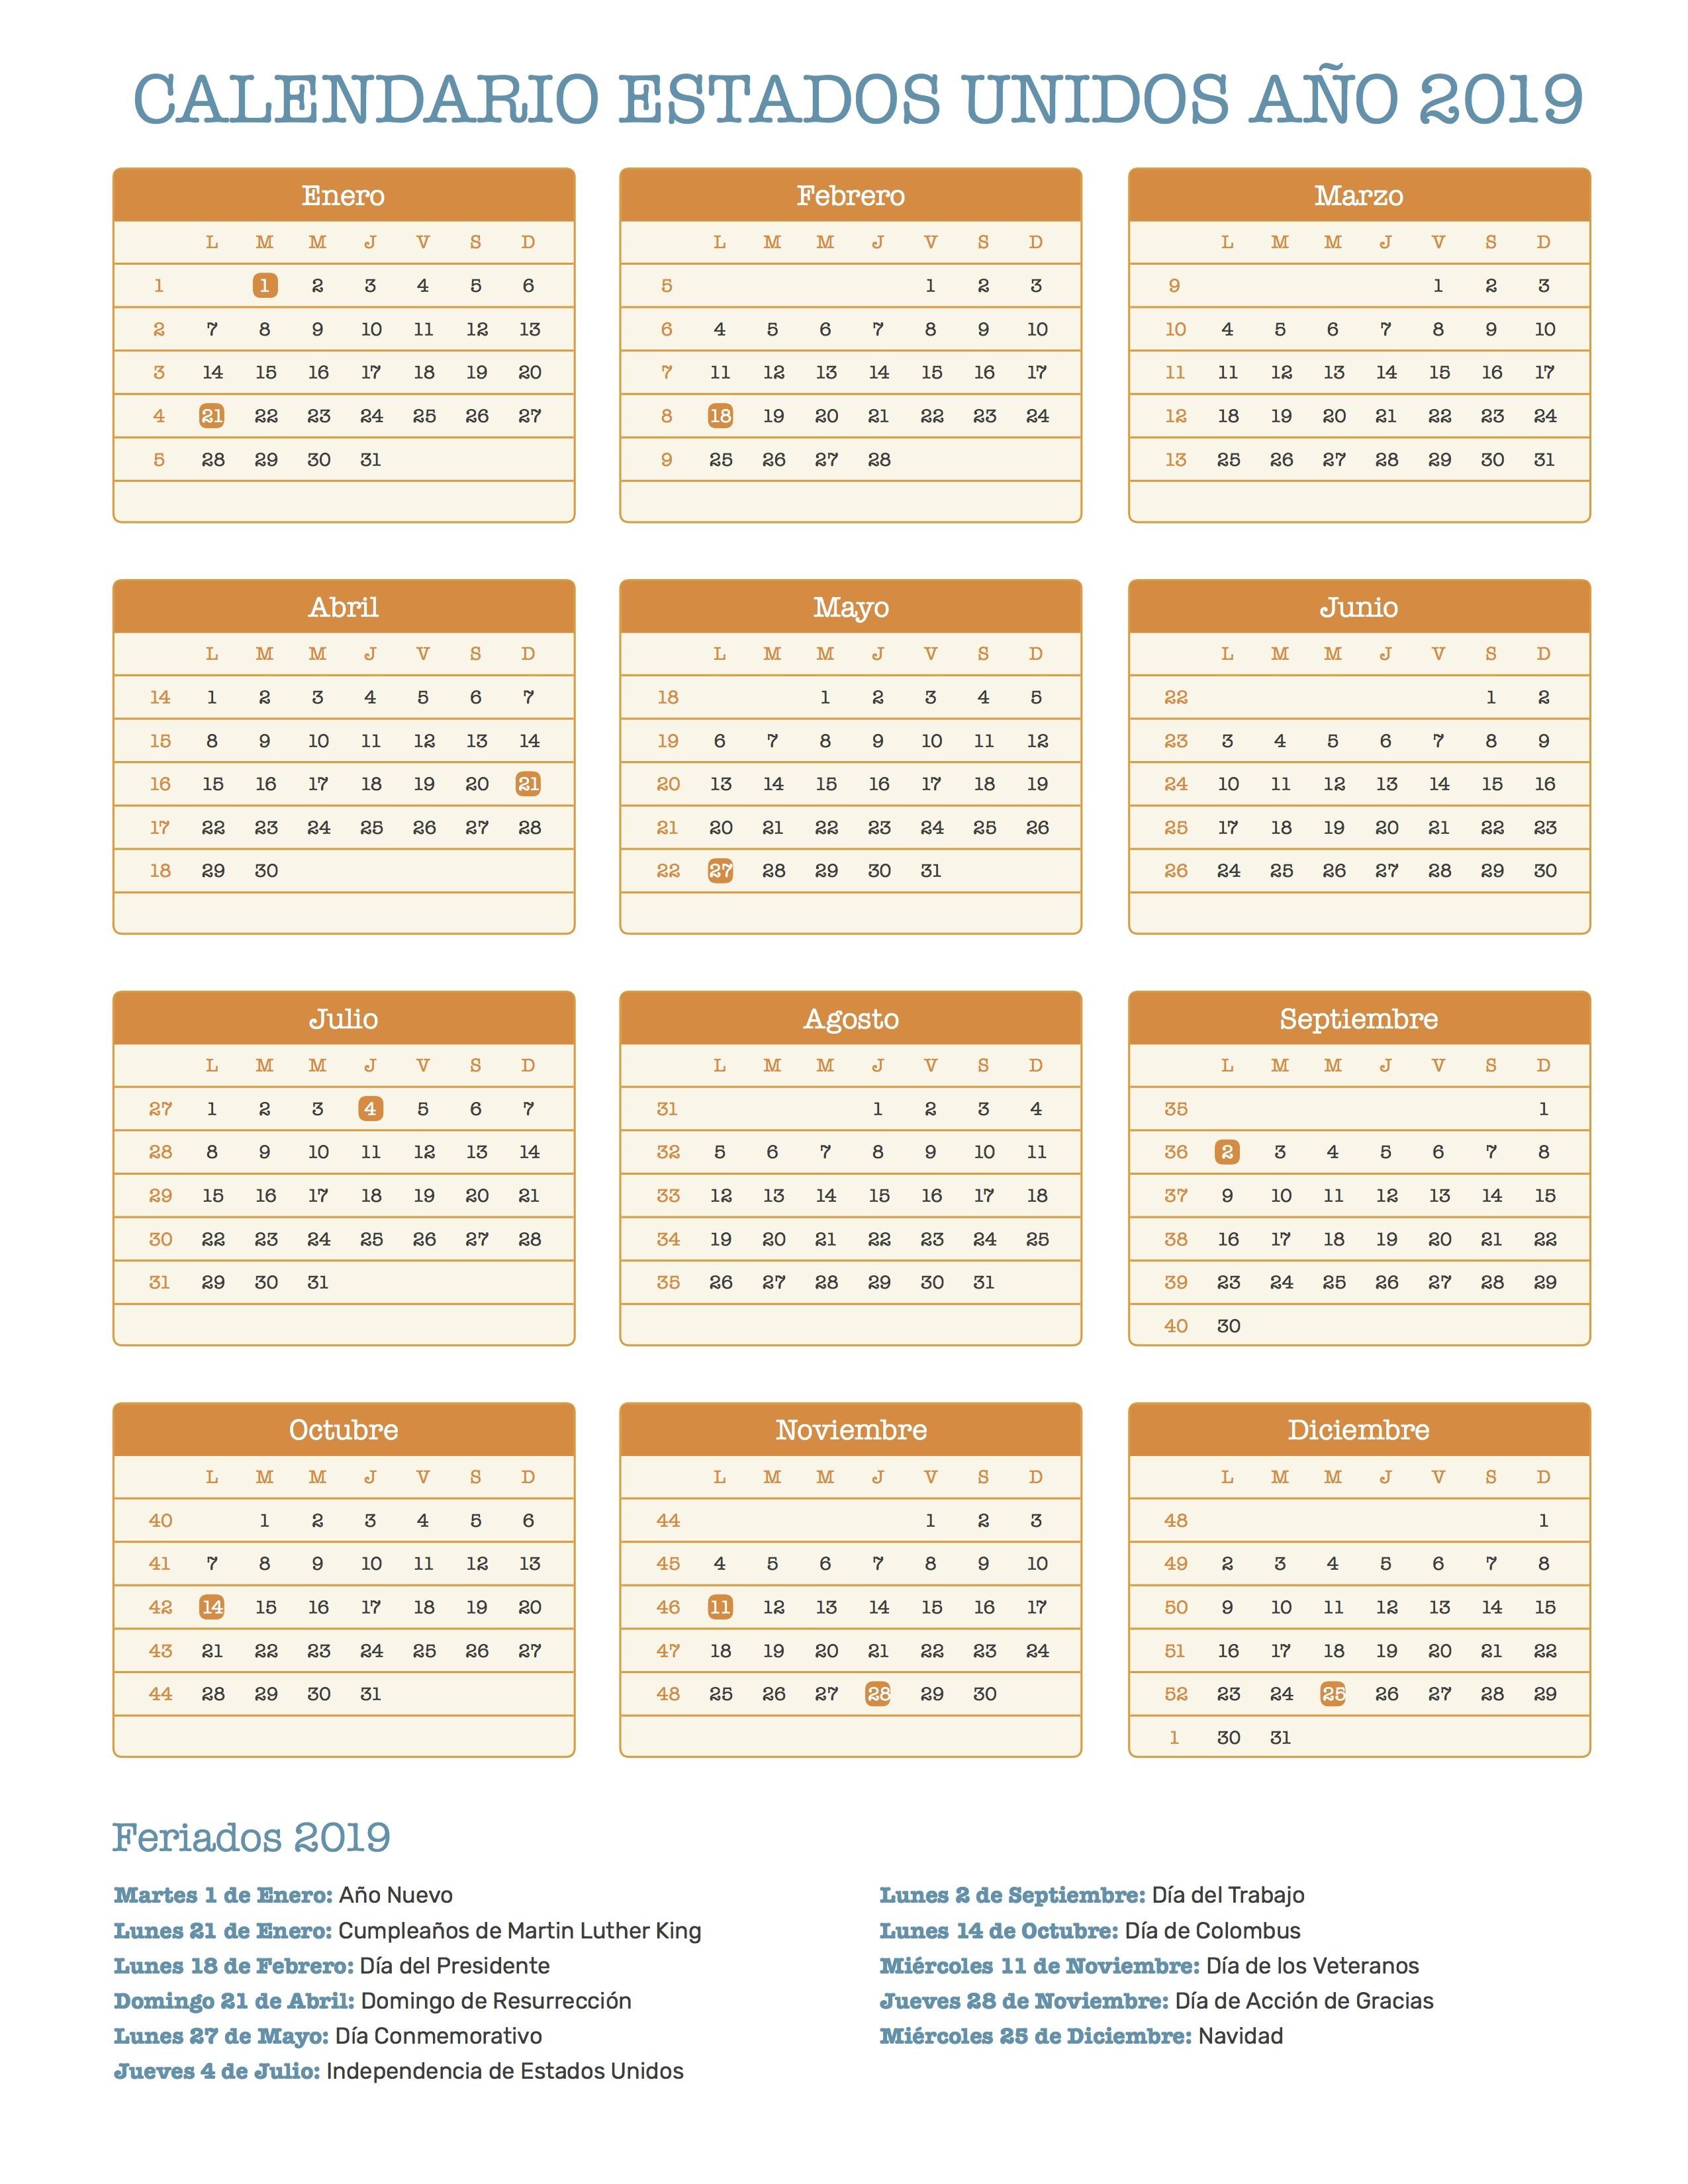 Calendario de Estados Unidos a±o 2019 para imprimir